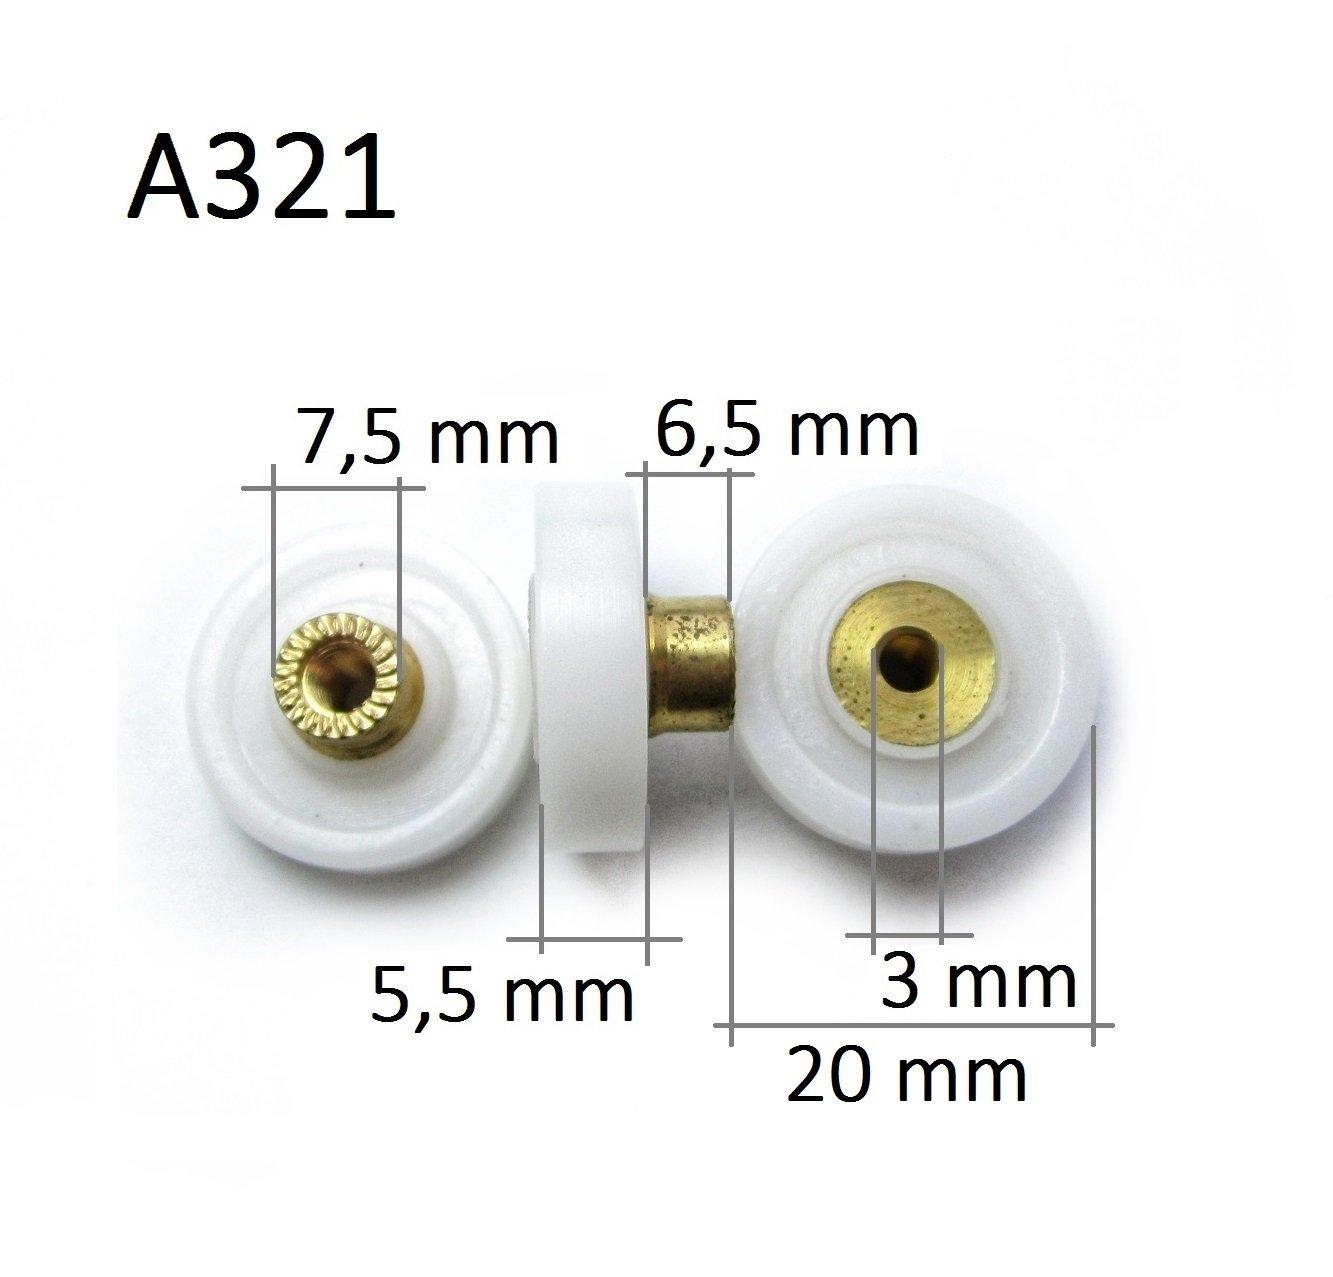 Roulette Porte Roulette de Douche 18.3mm Roulette Porte de Douche Roue de Porte Coulissante Porte a Roulette A282 8pcs